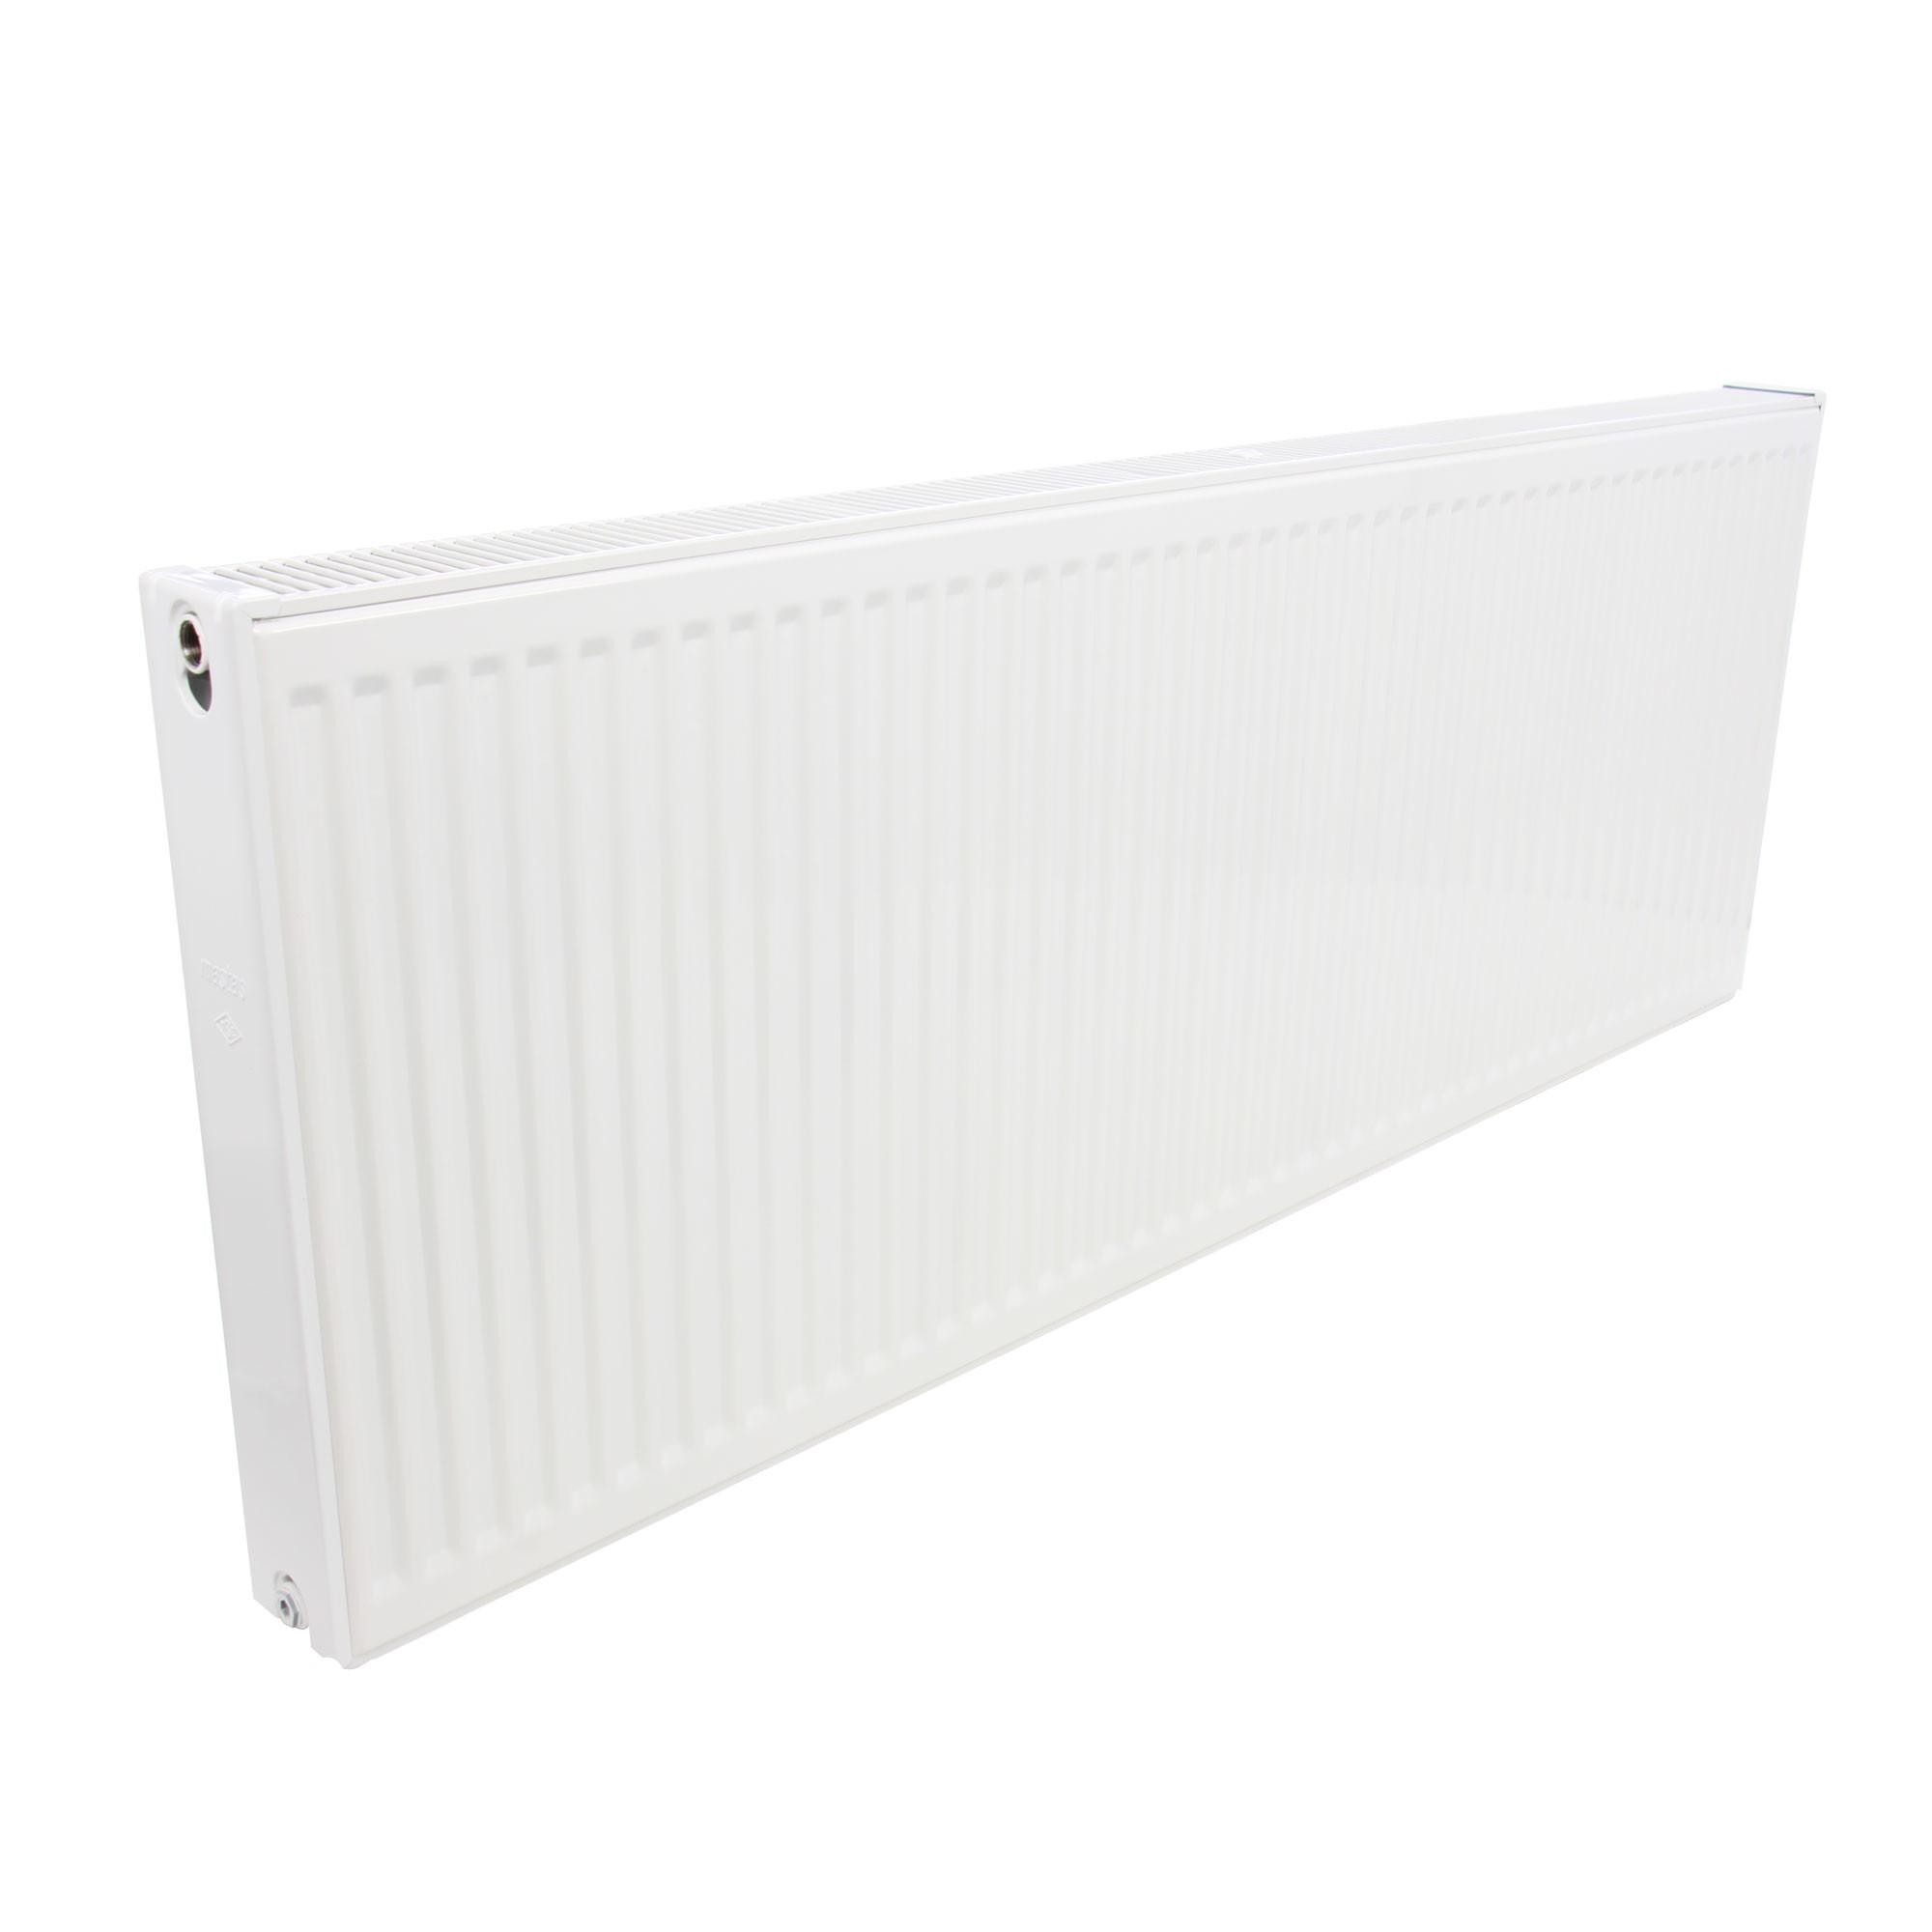 Radiator (calorifer) otel VIGO 22, 600 x 1600 mm, accesorii incluse fornello imagine